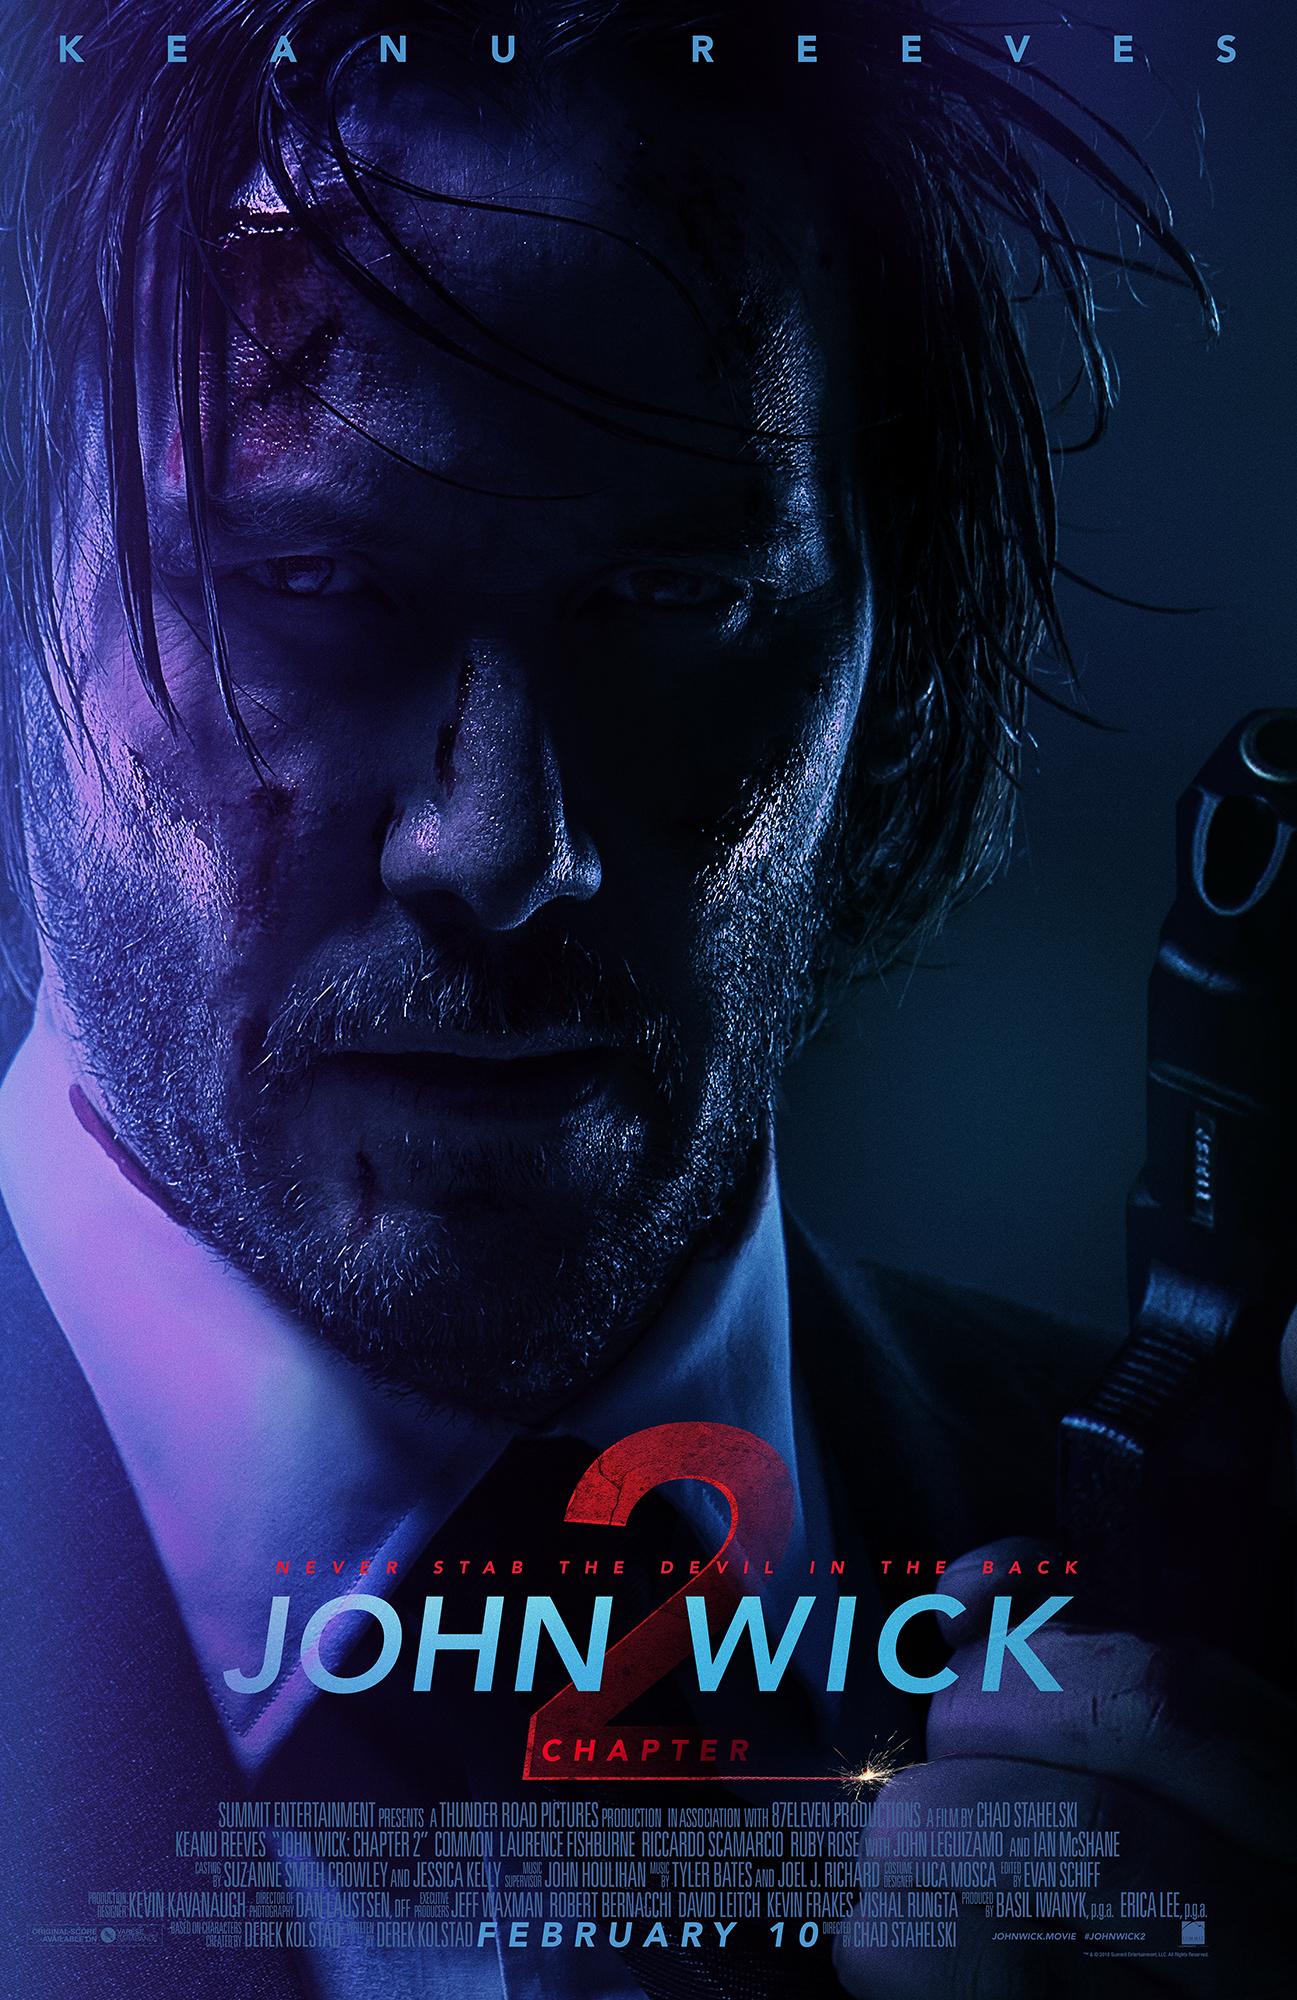 JohnWick2_1Sht_Payoff_VF_Online_100dpi.jpg